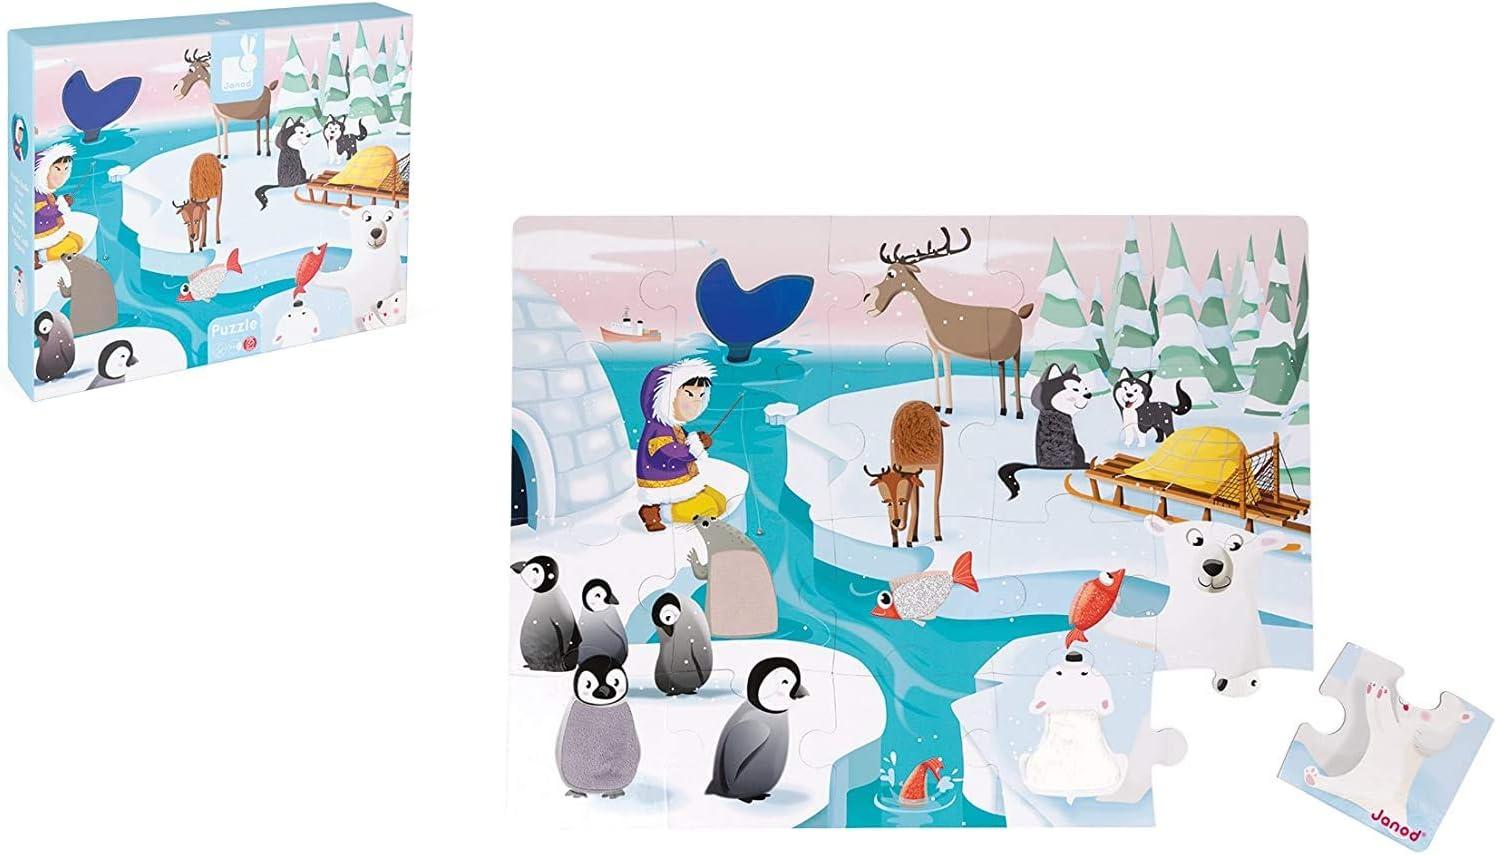 Janod - Puzle Táctil para Niños 20 Piezas - Banquisa - Desde 2 años (J02773): Amazon.es: Juguetes y juegos